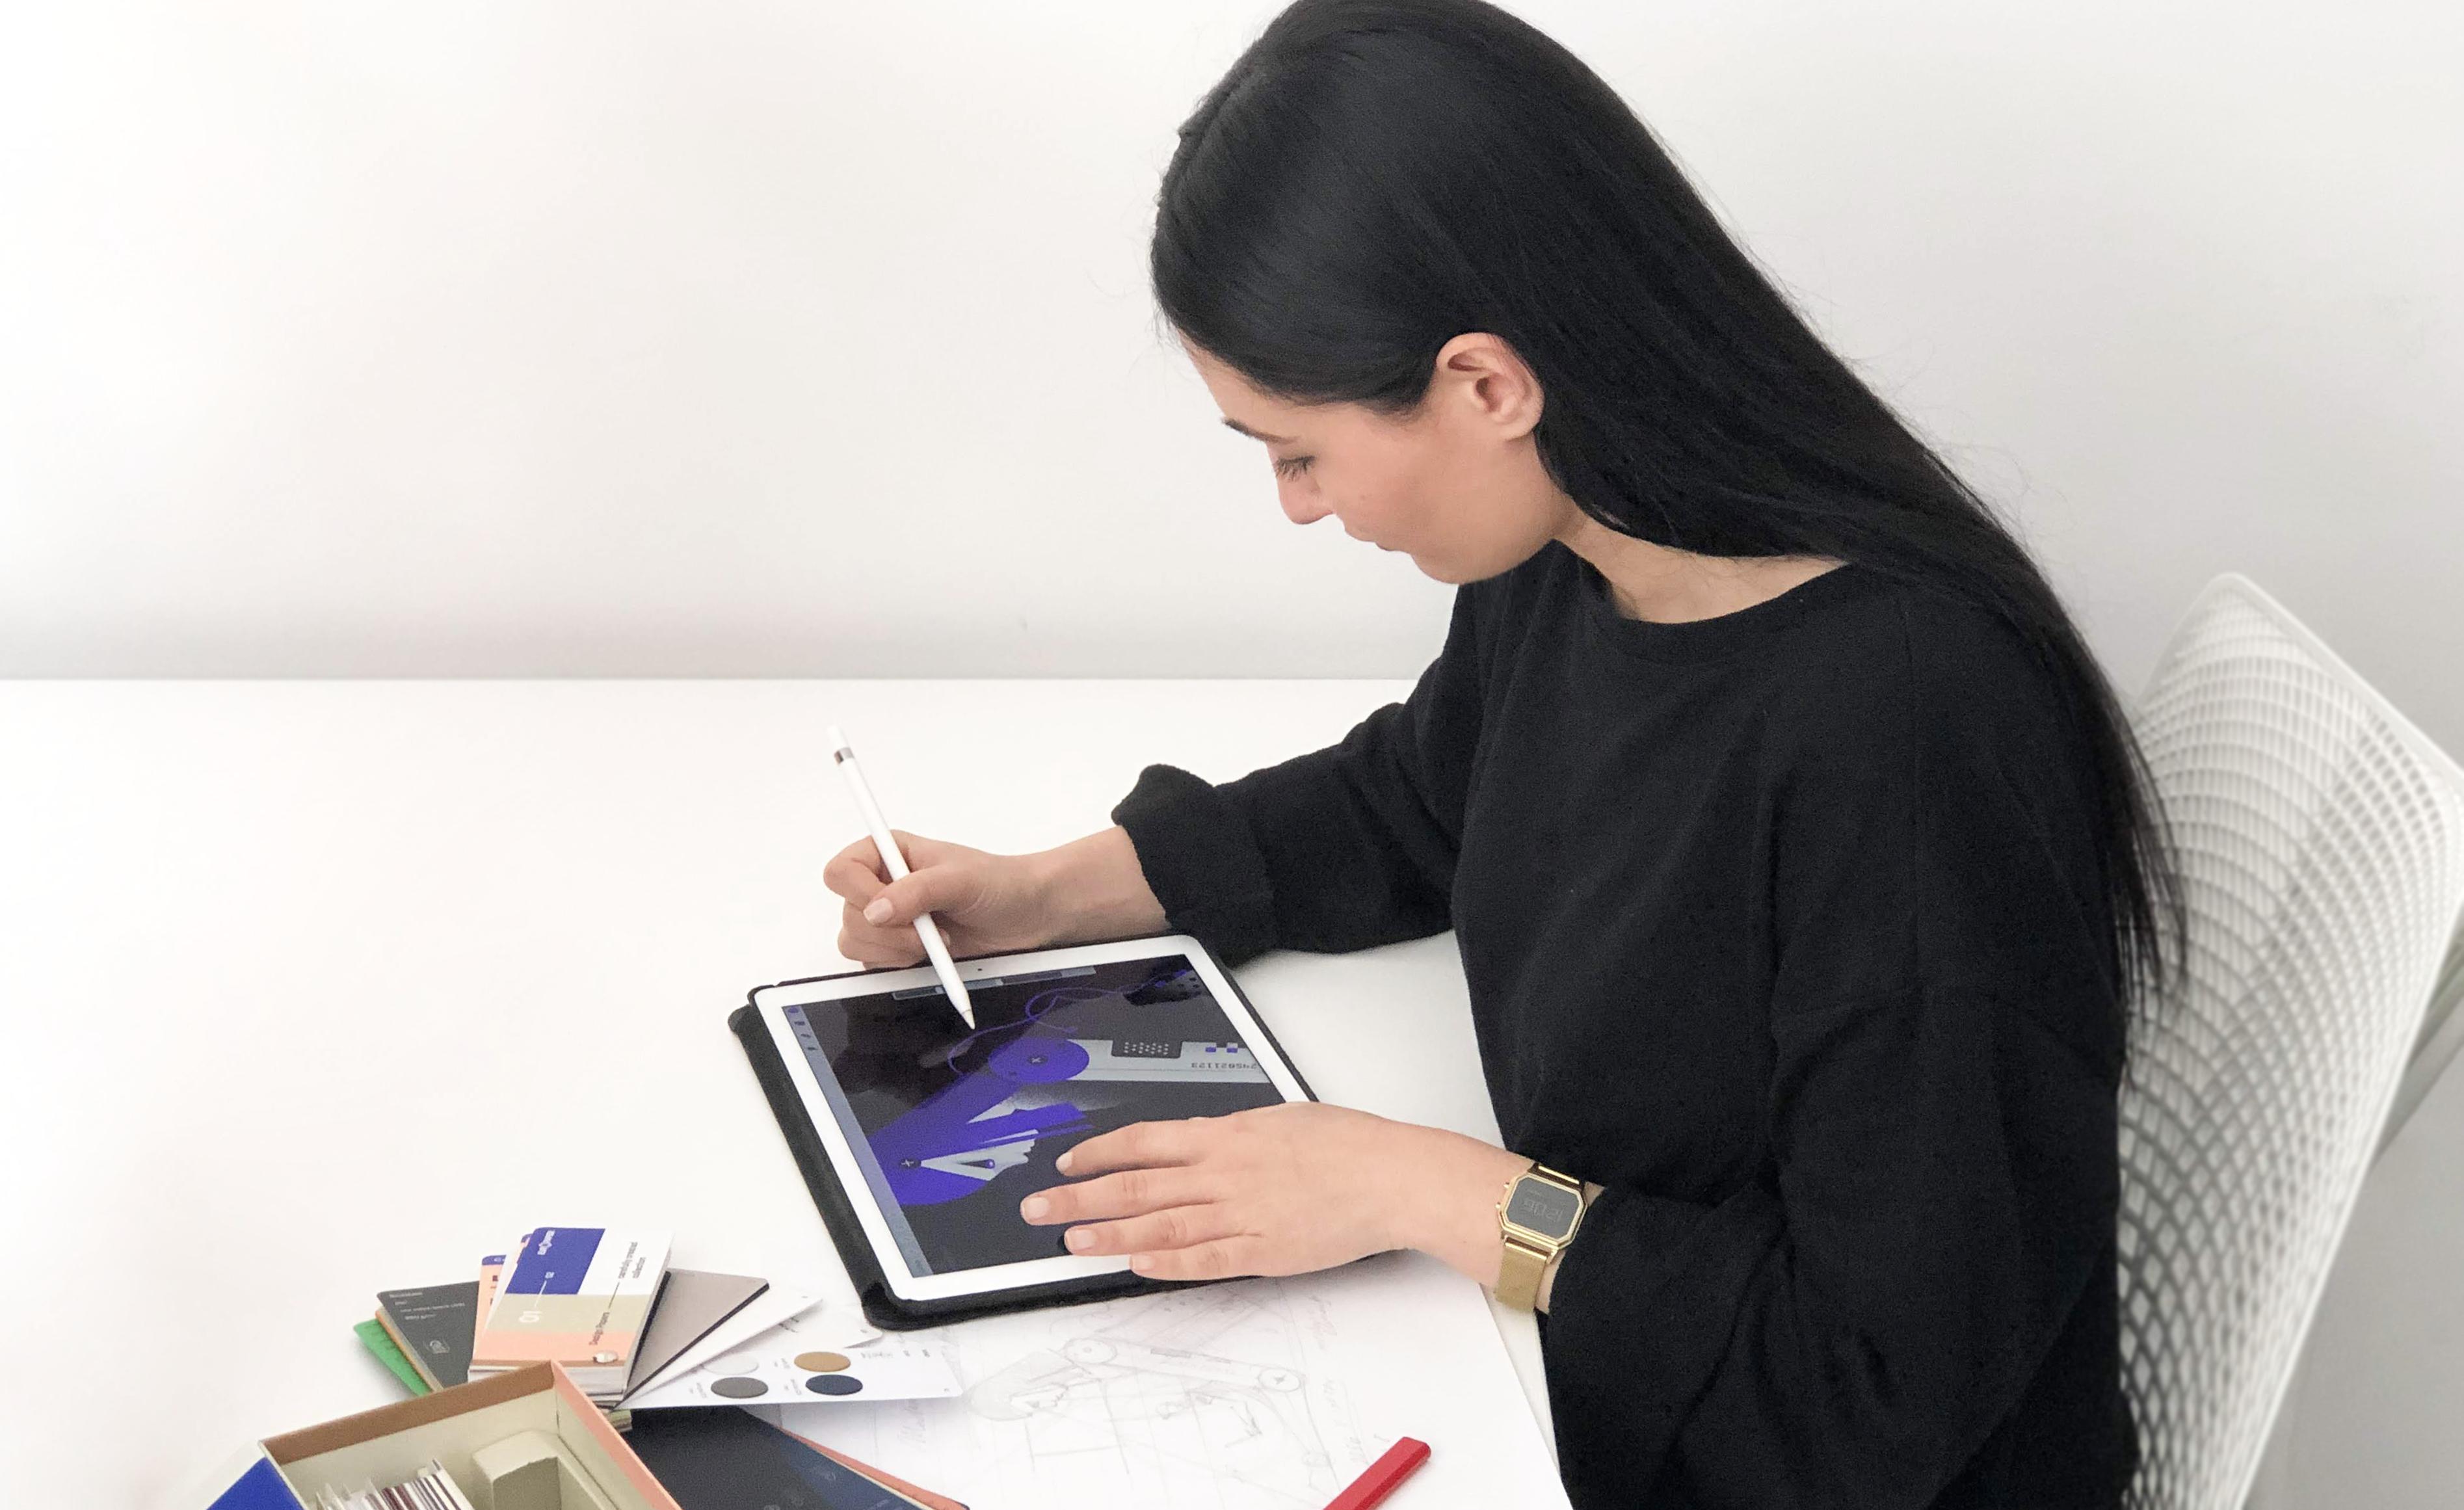 Dragana illustrating on her iPad.